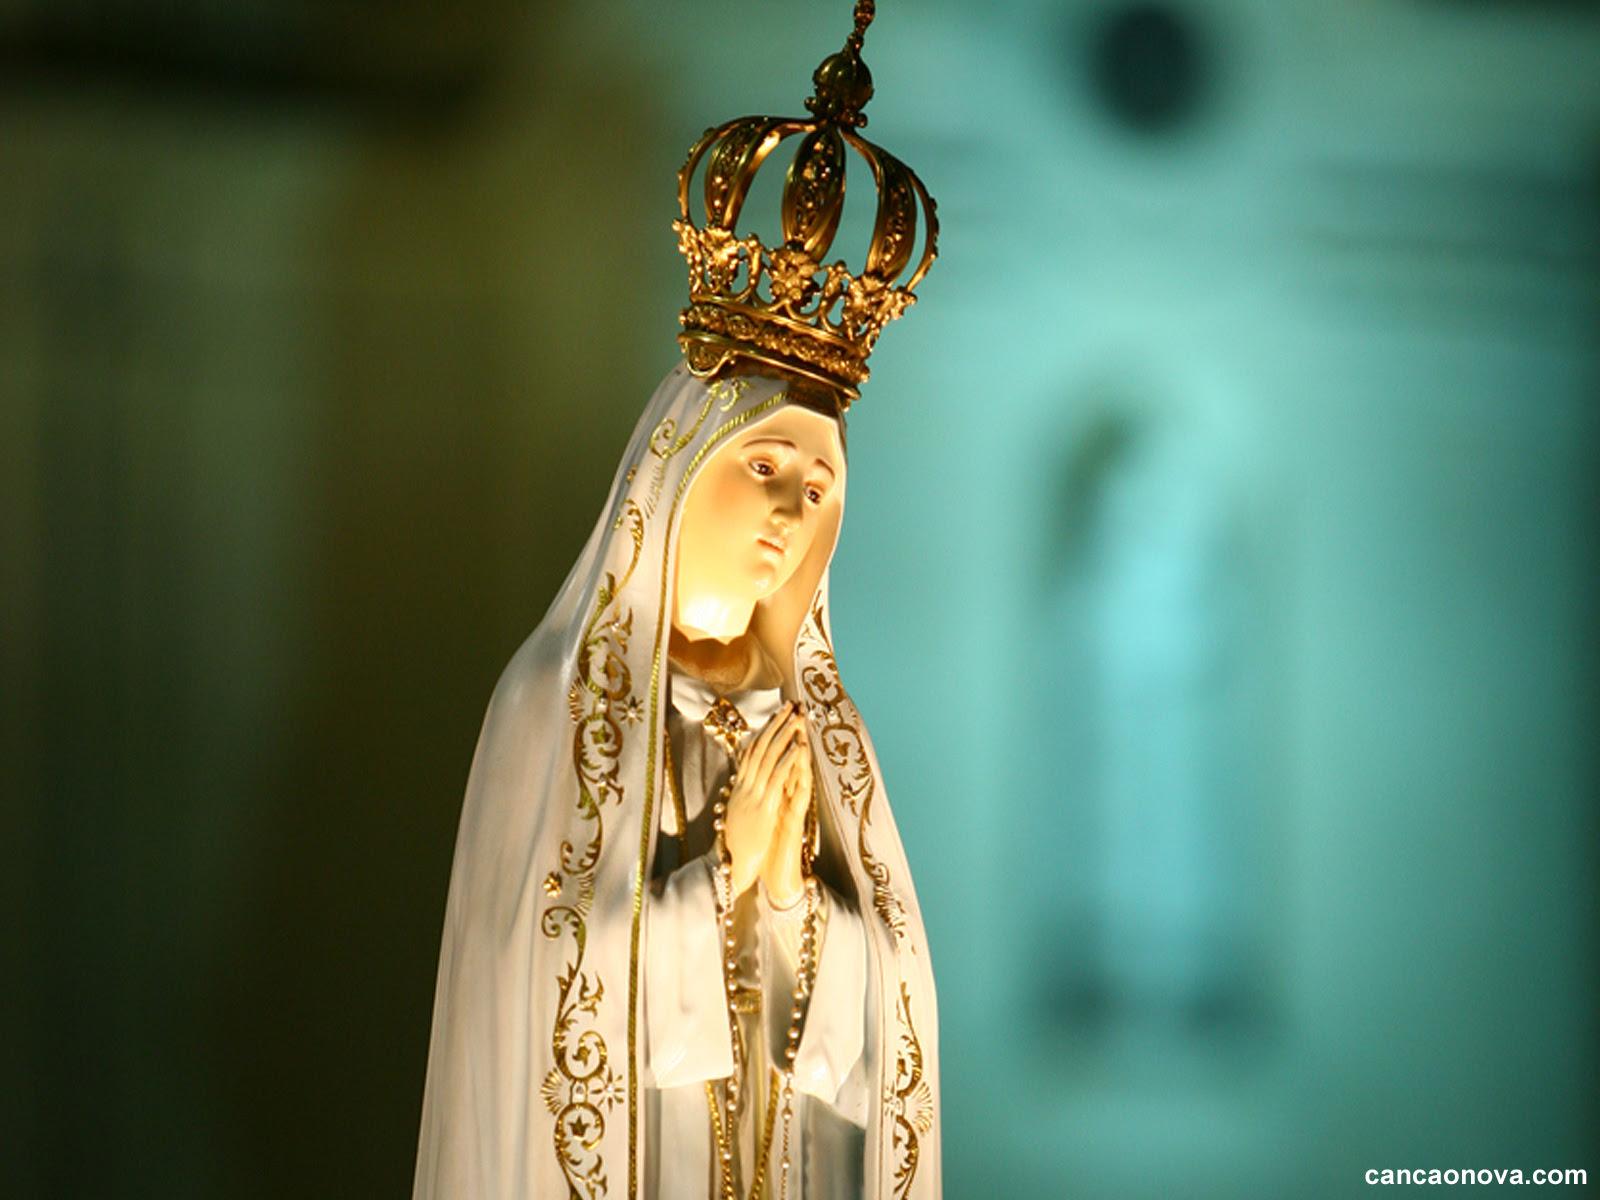 Oração Maria passa na frente - 1600x1200